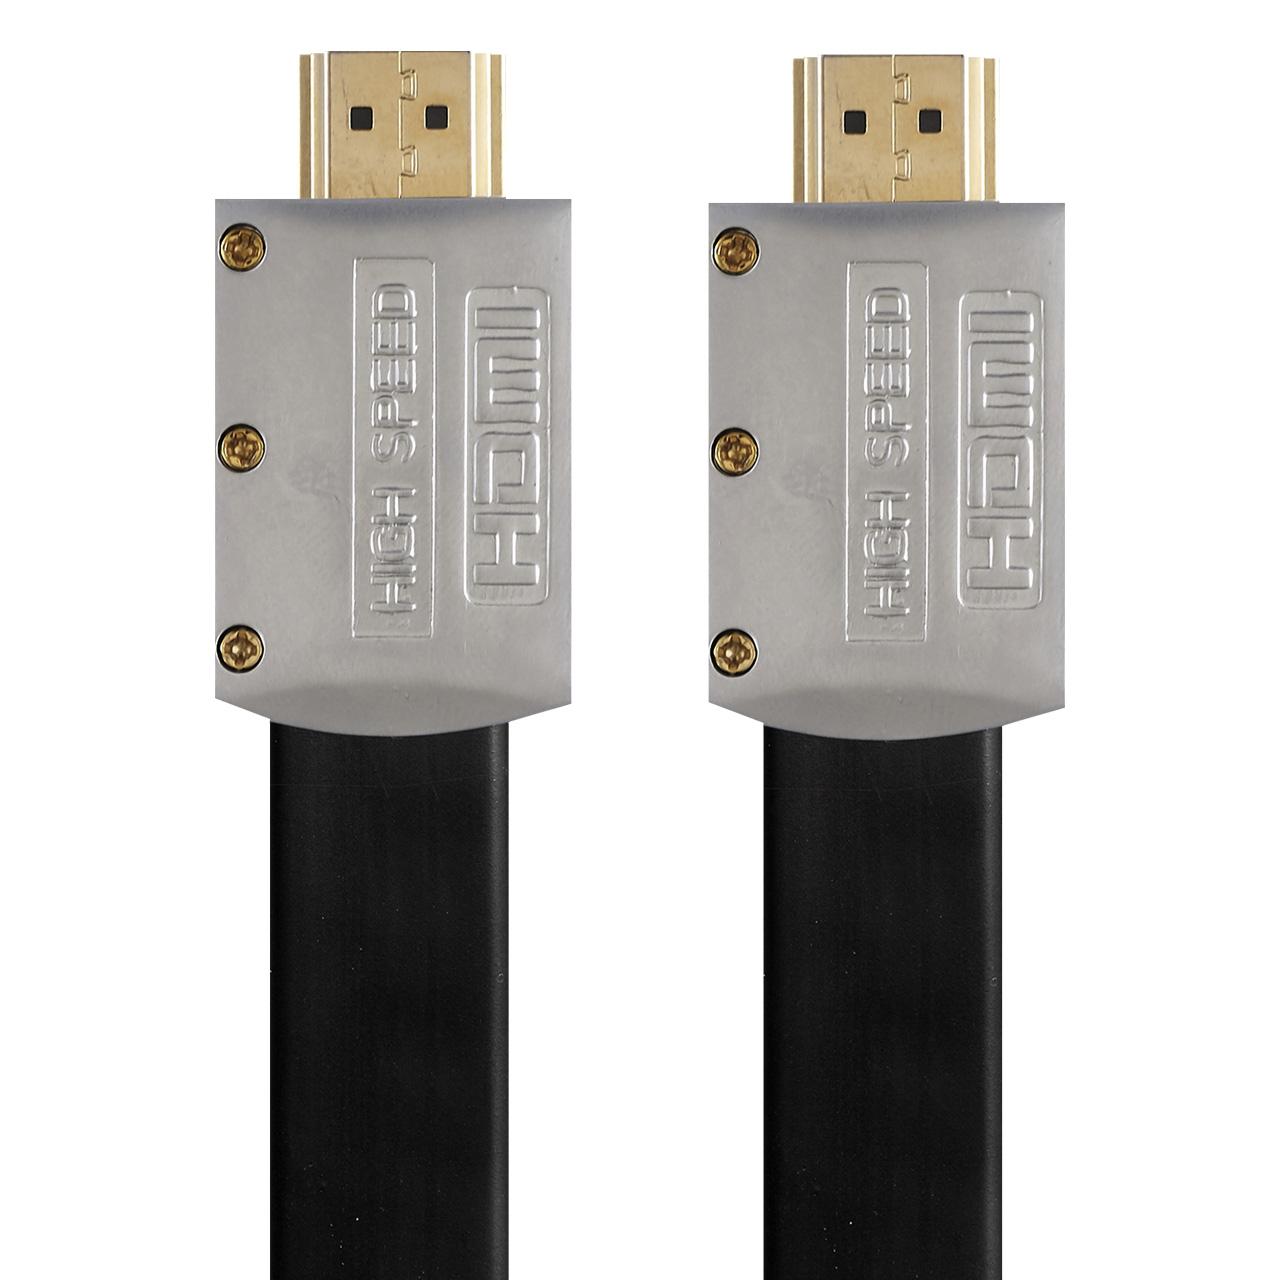 خرید اینترنتی کابل تخت HDMI 2.0 کی نت پلاس مدل KP-HC169 به طول 20 متر اورجینال